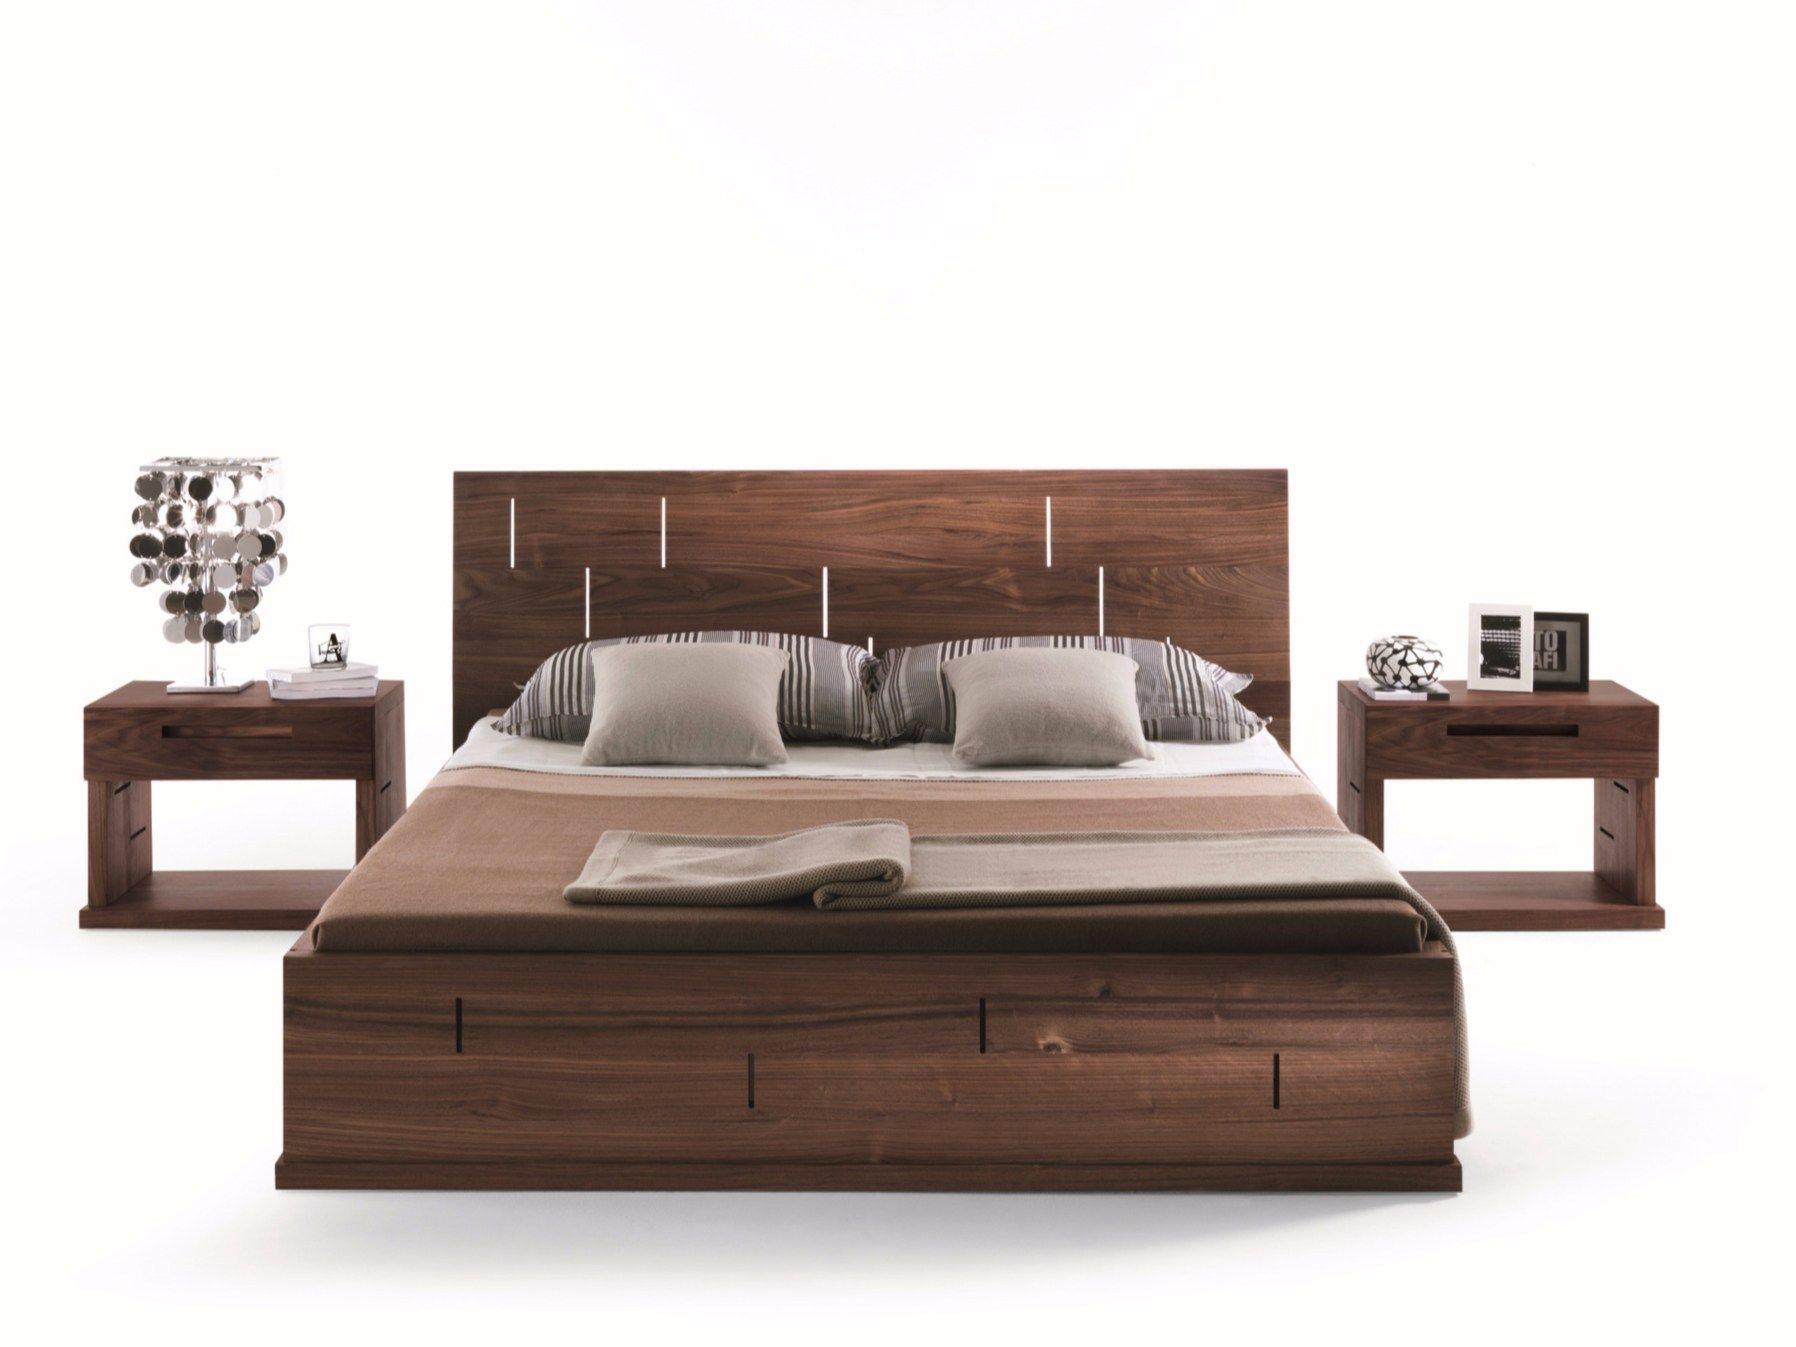 lit moderne en bois. Black Bedroom Furniture Sets. Home Design Ideas